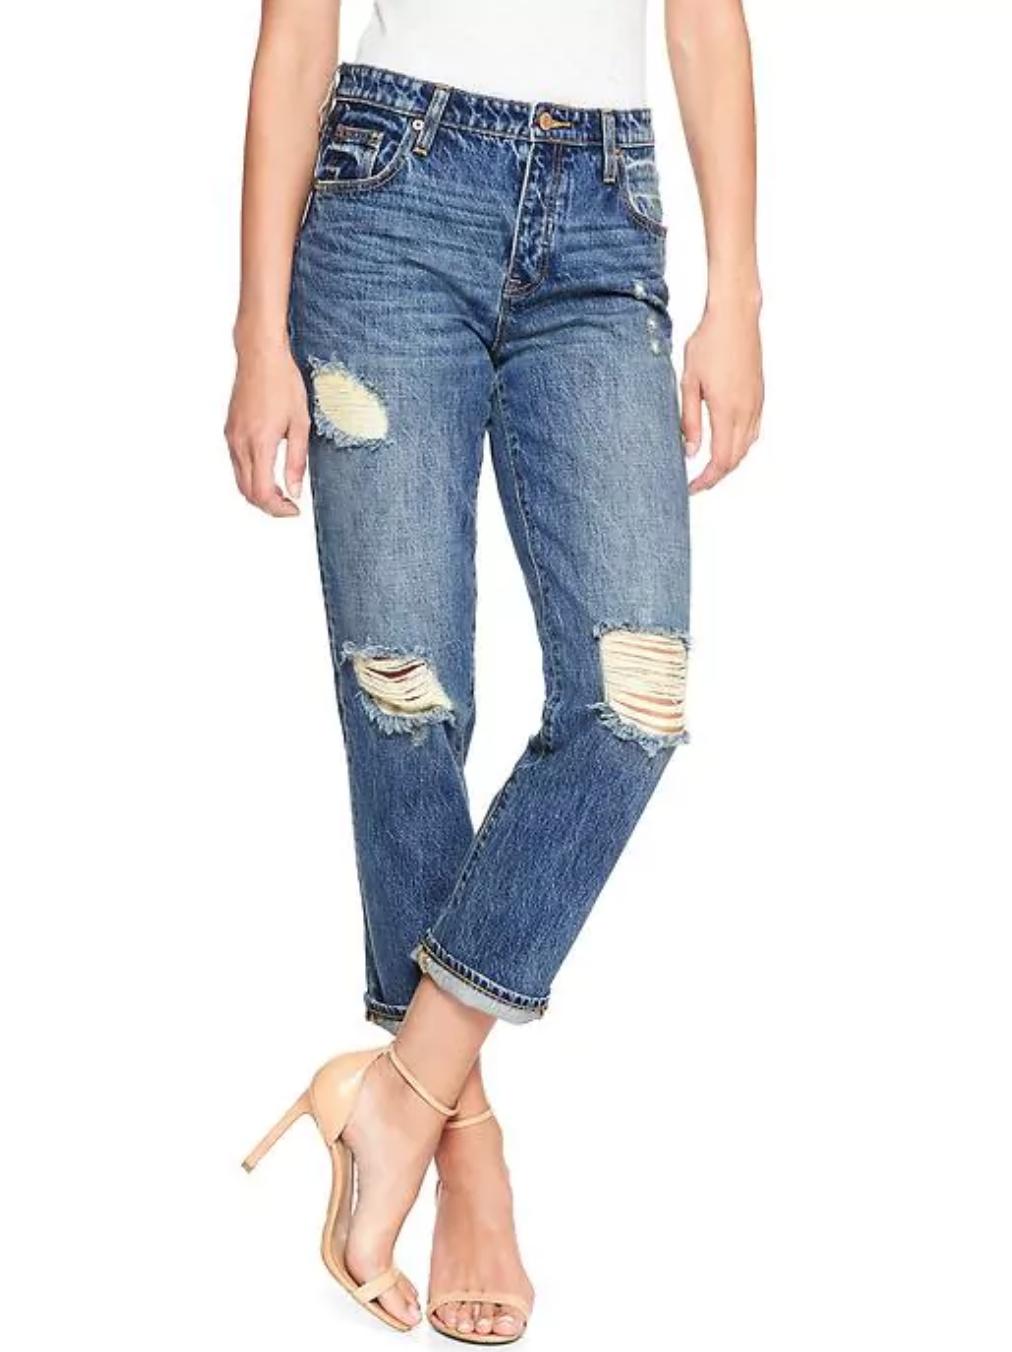 tanger outlets gap vintage distressed jeans